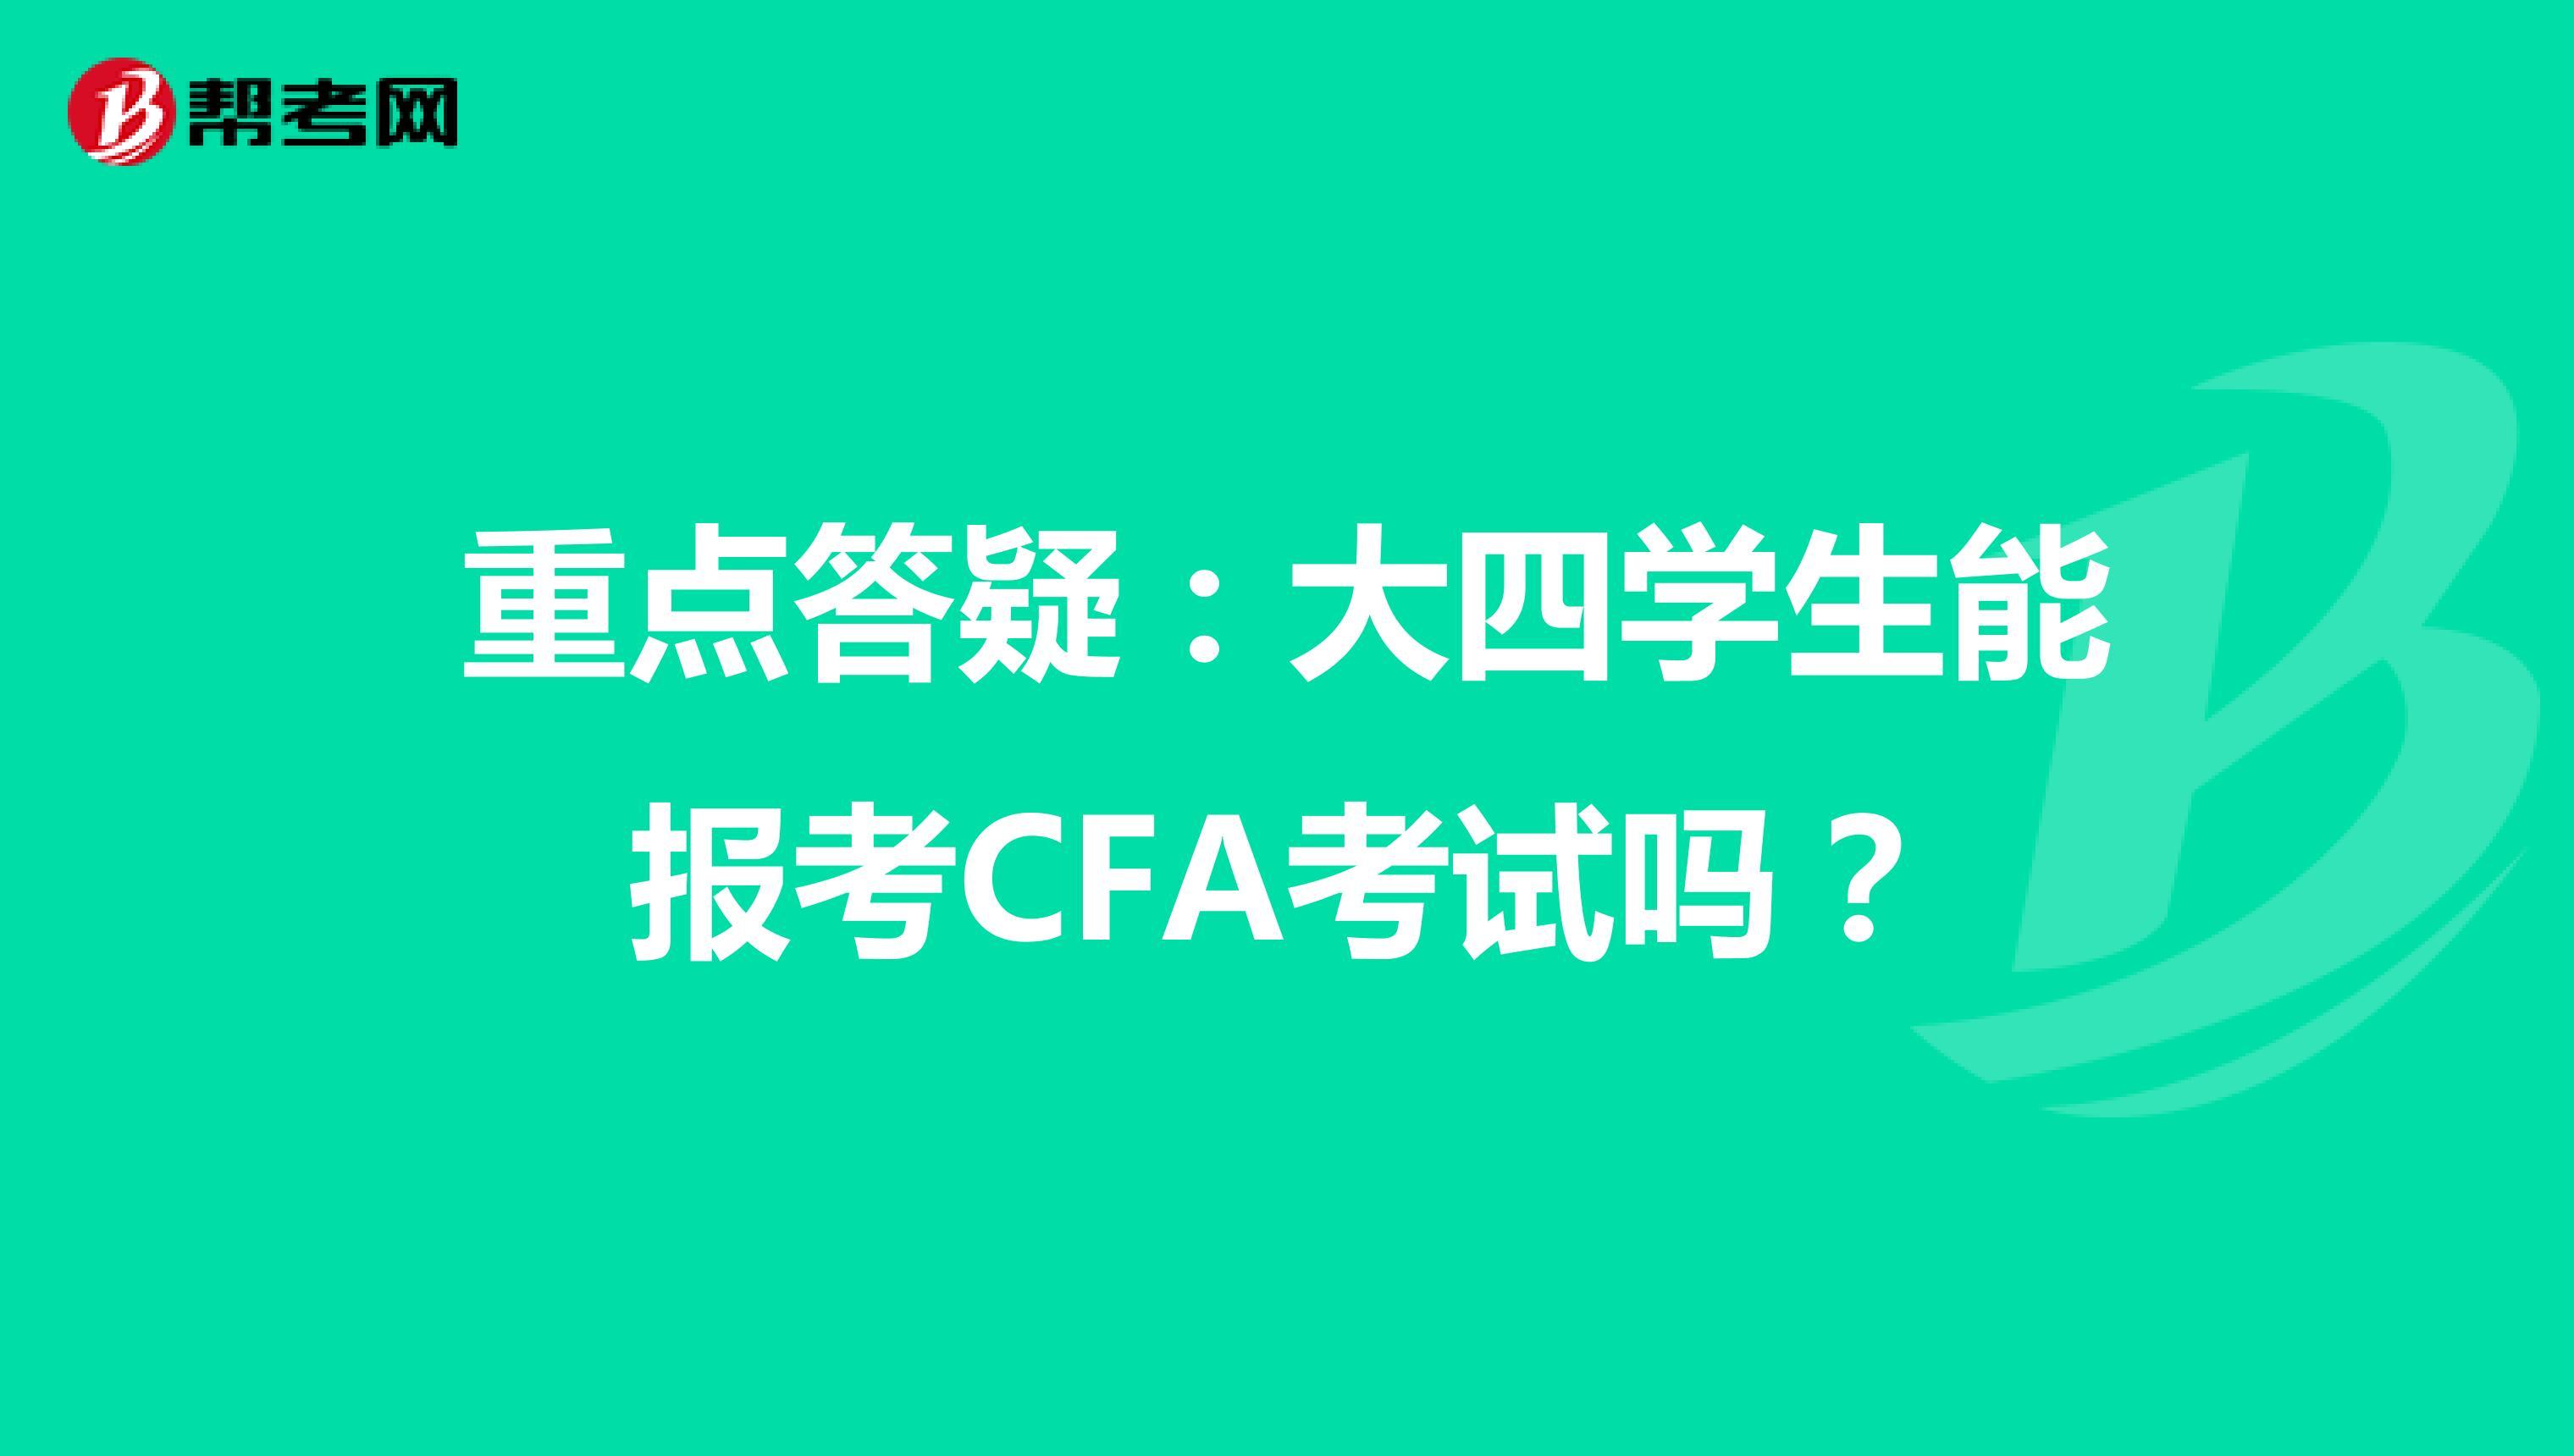 重點答疑:大四學生能報考CFA考試嗎?